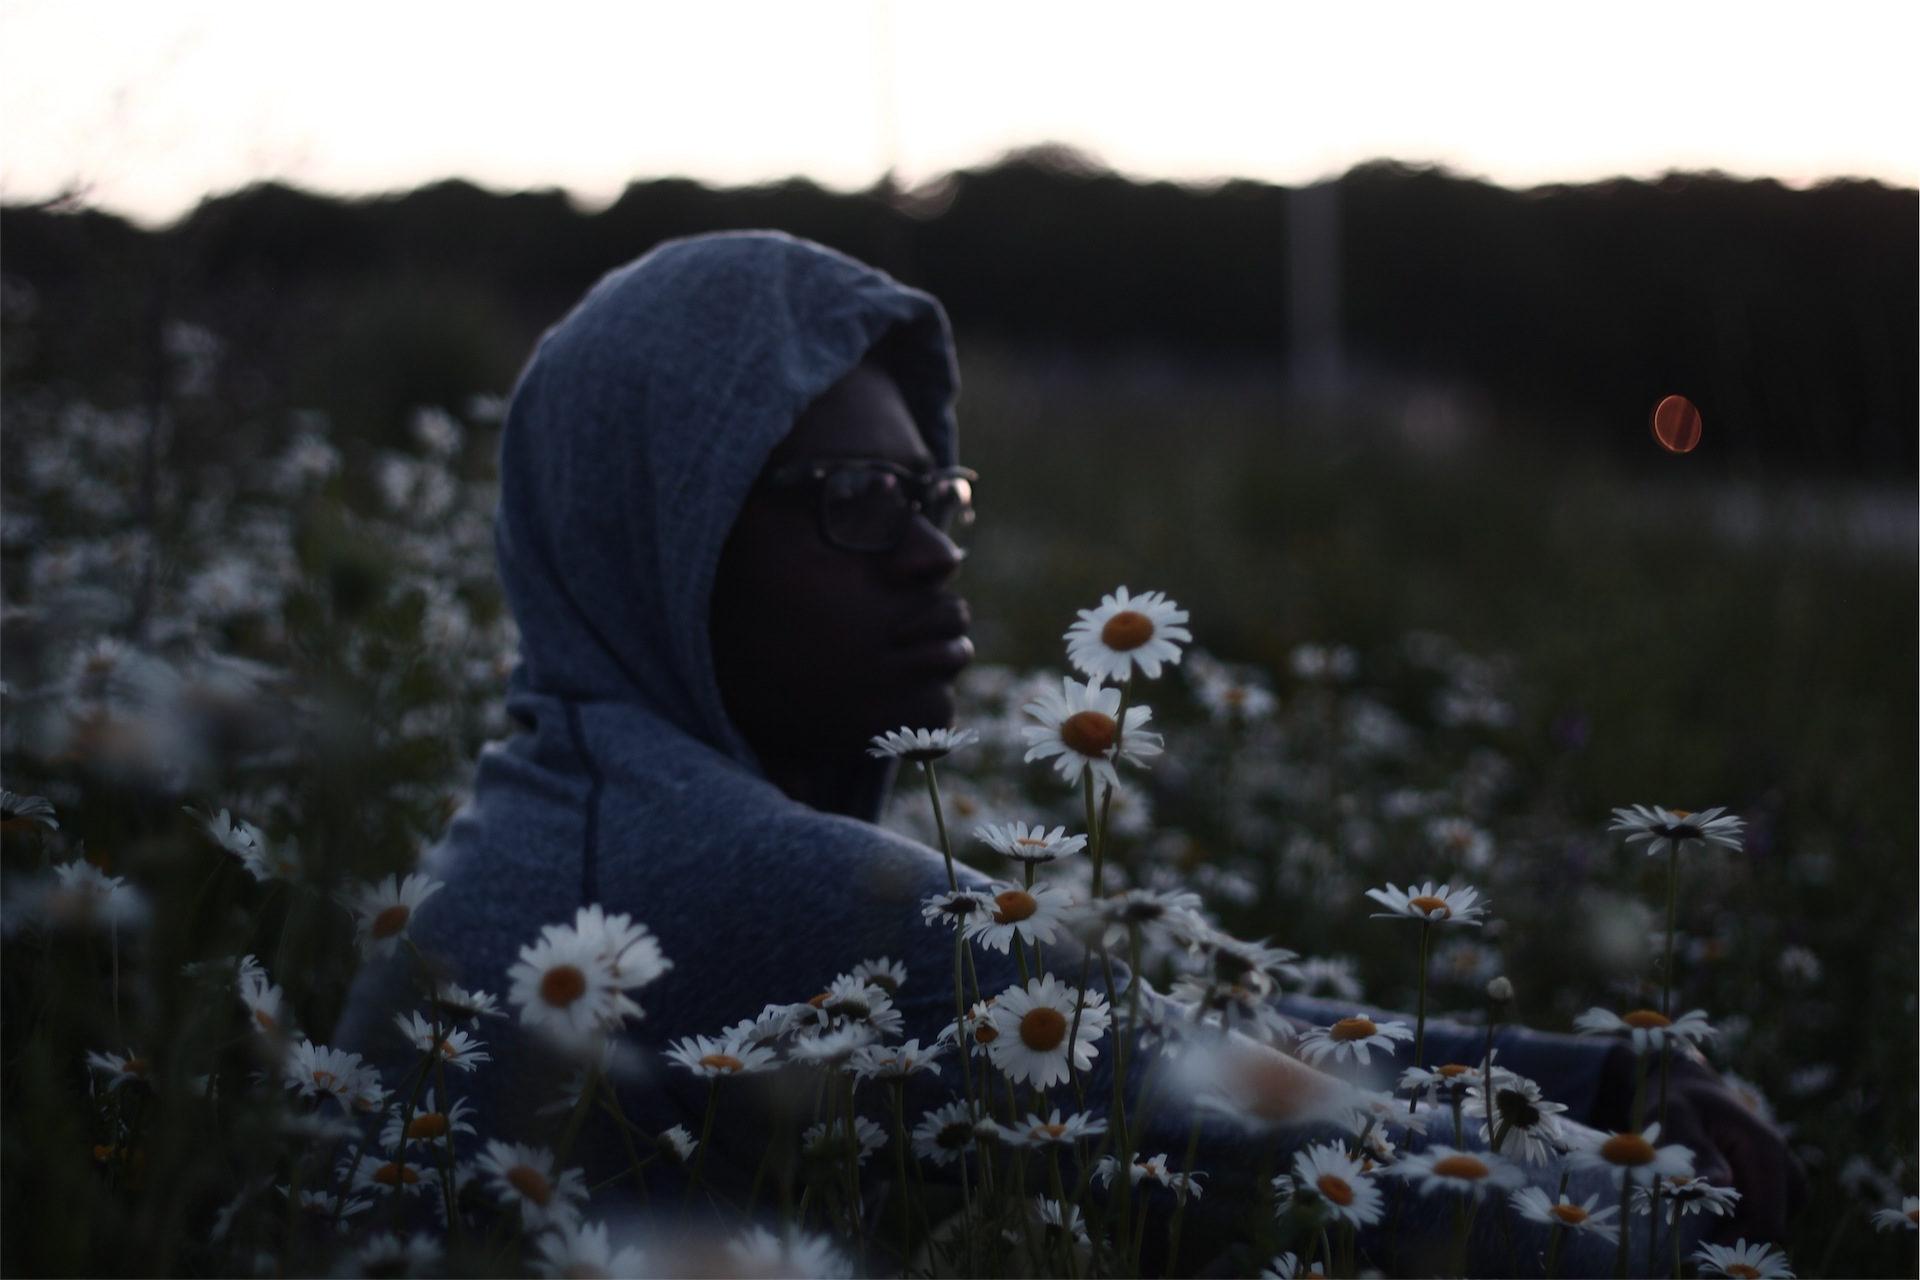 homme, fleurs, domaine, Hotte, réfléchie - Fonds d'écran HD - Professor-falken.com